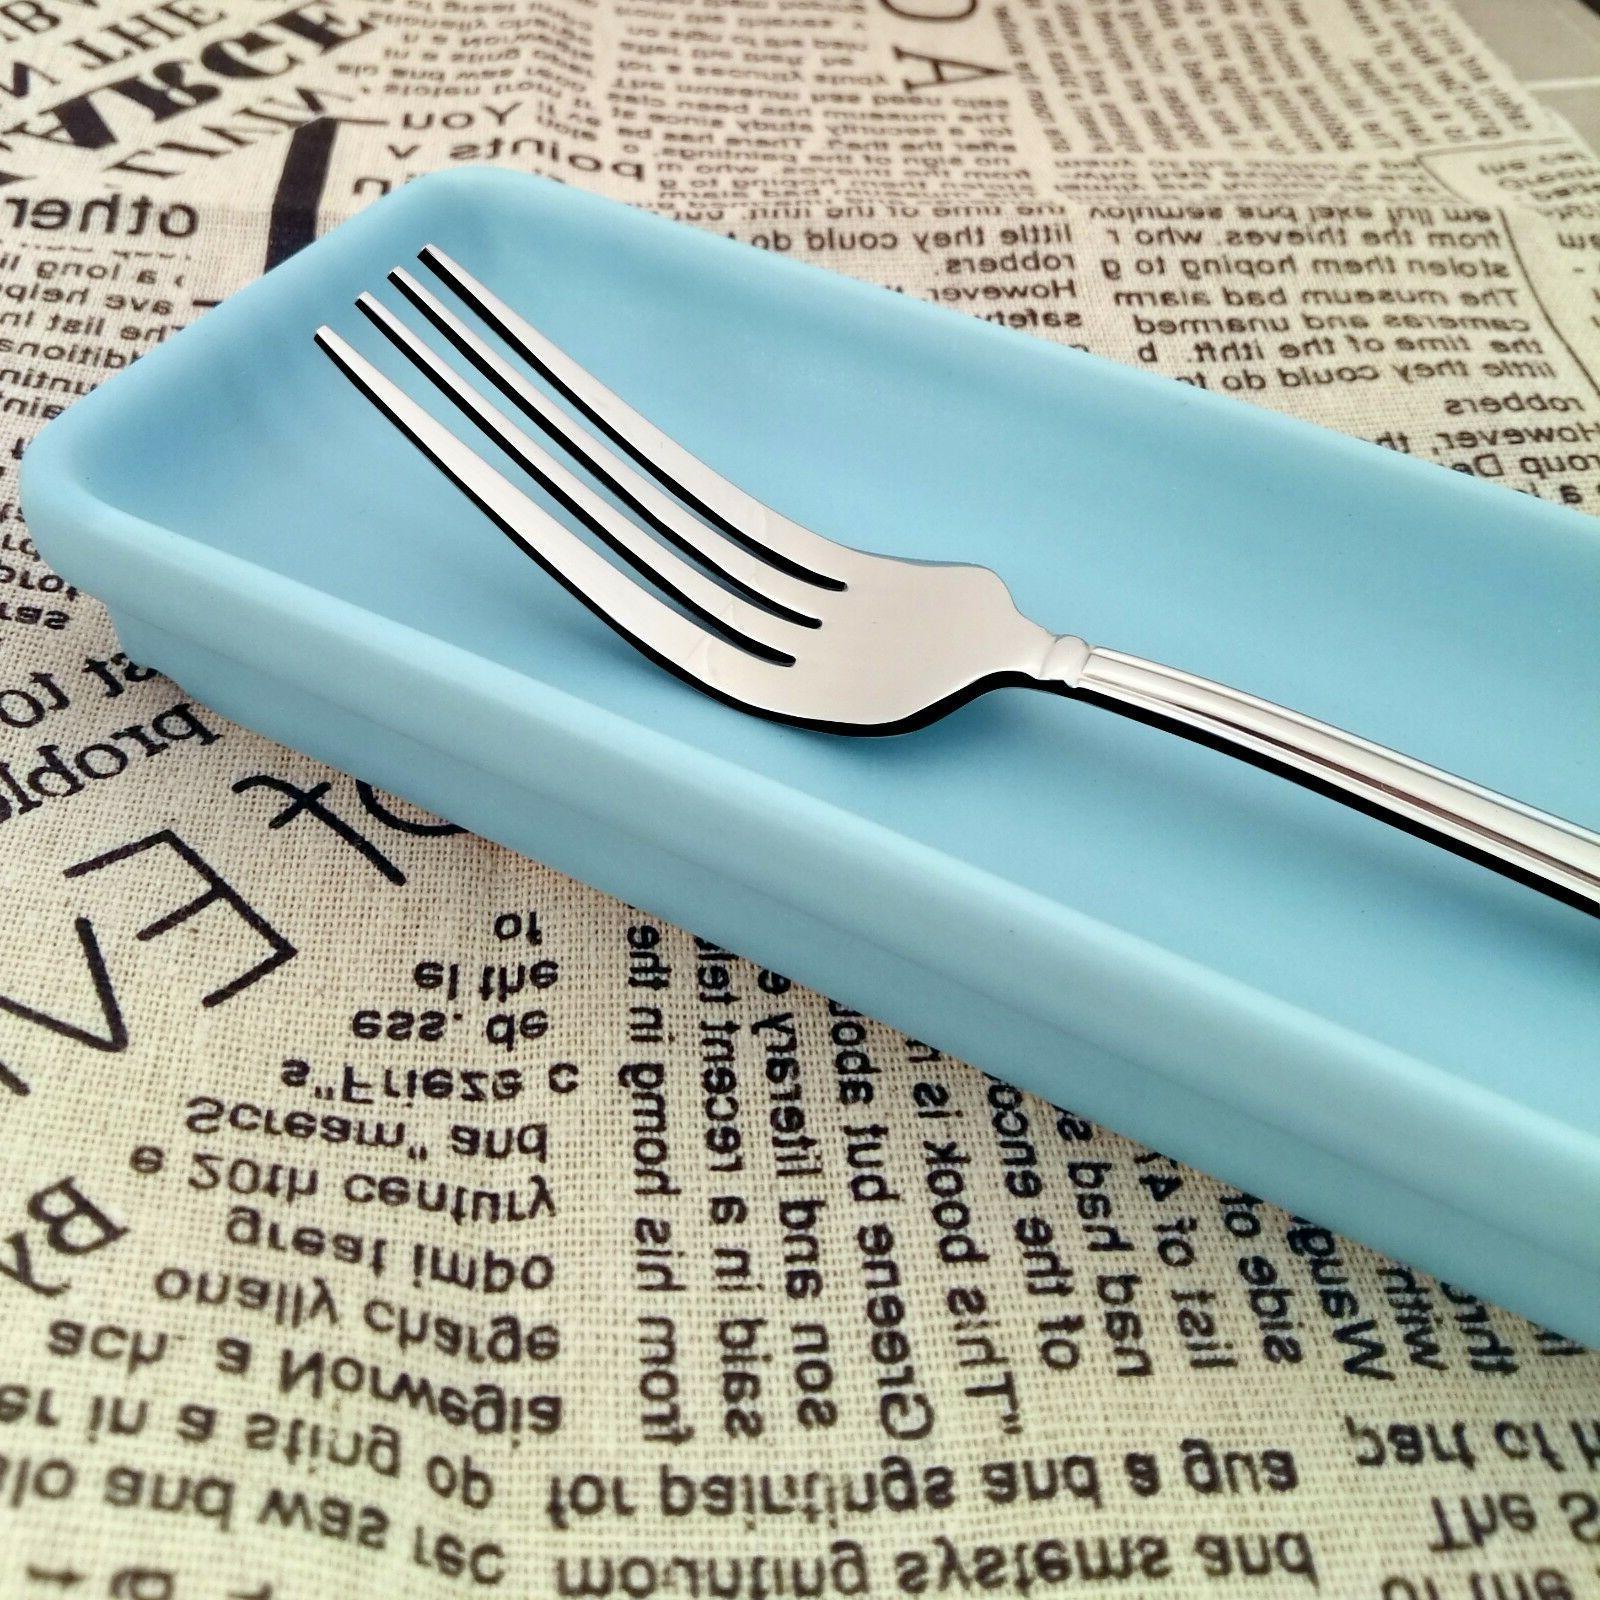 20/100 Cutlery Steel Service